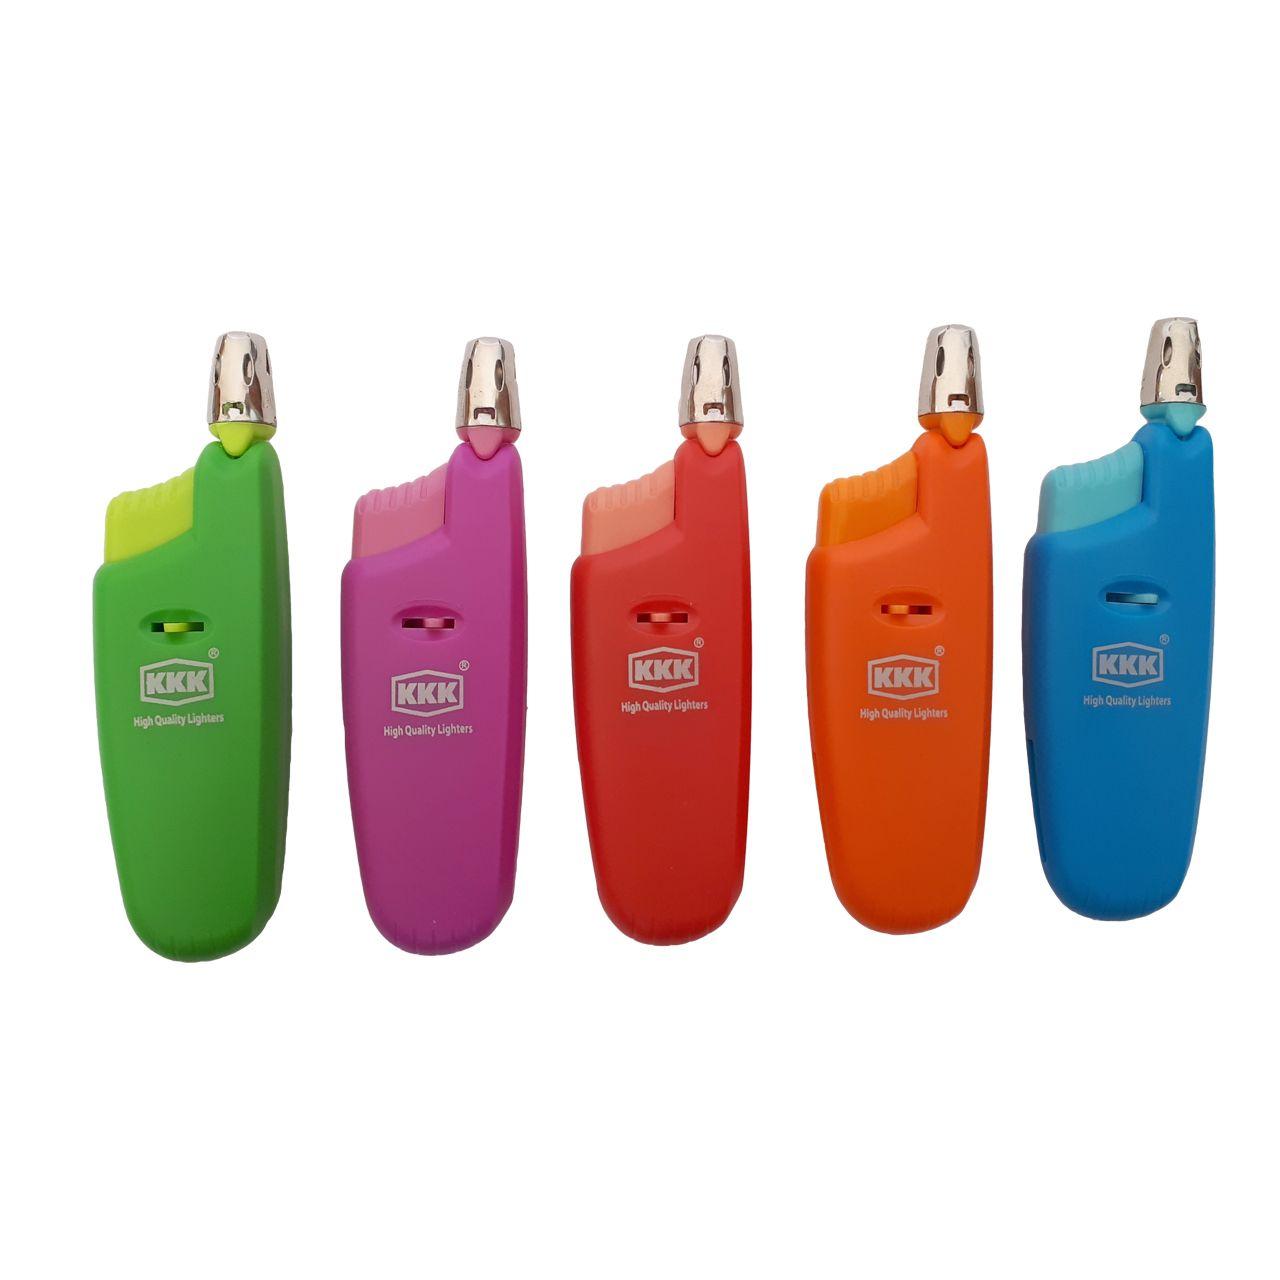 فندک آشپزخانه سه کا مدل Lighter بسته 5 عددی